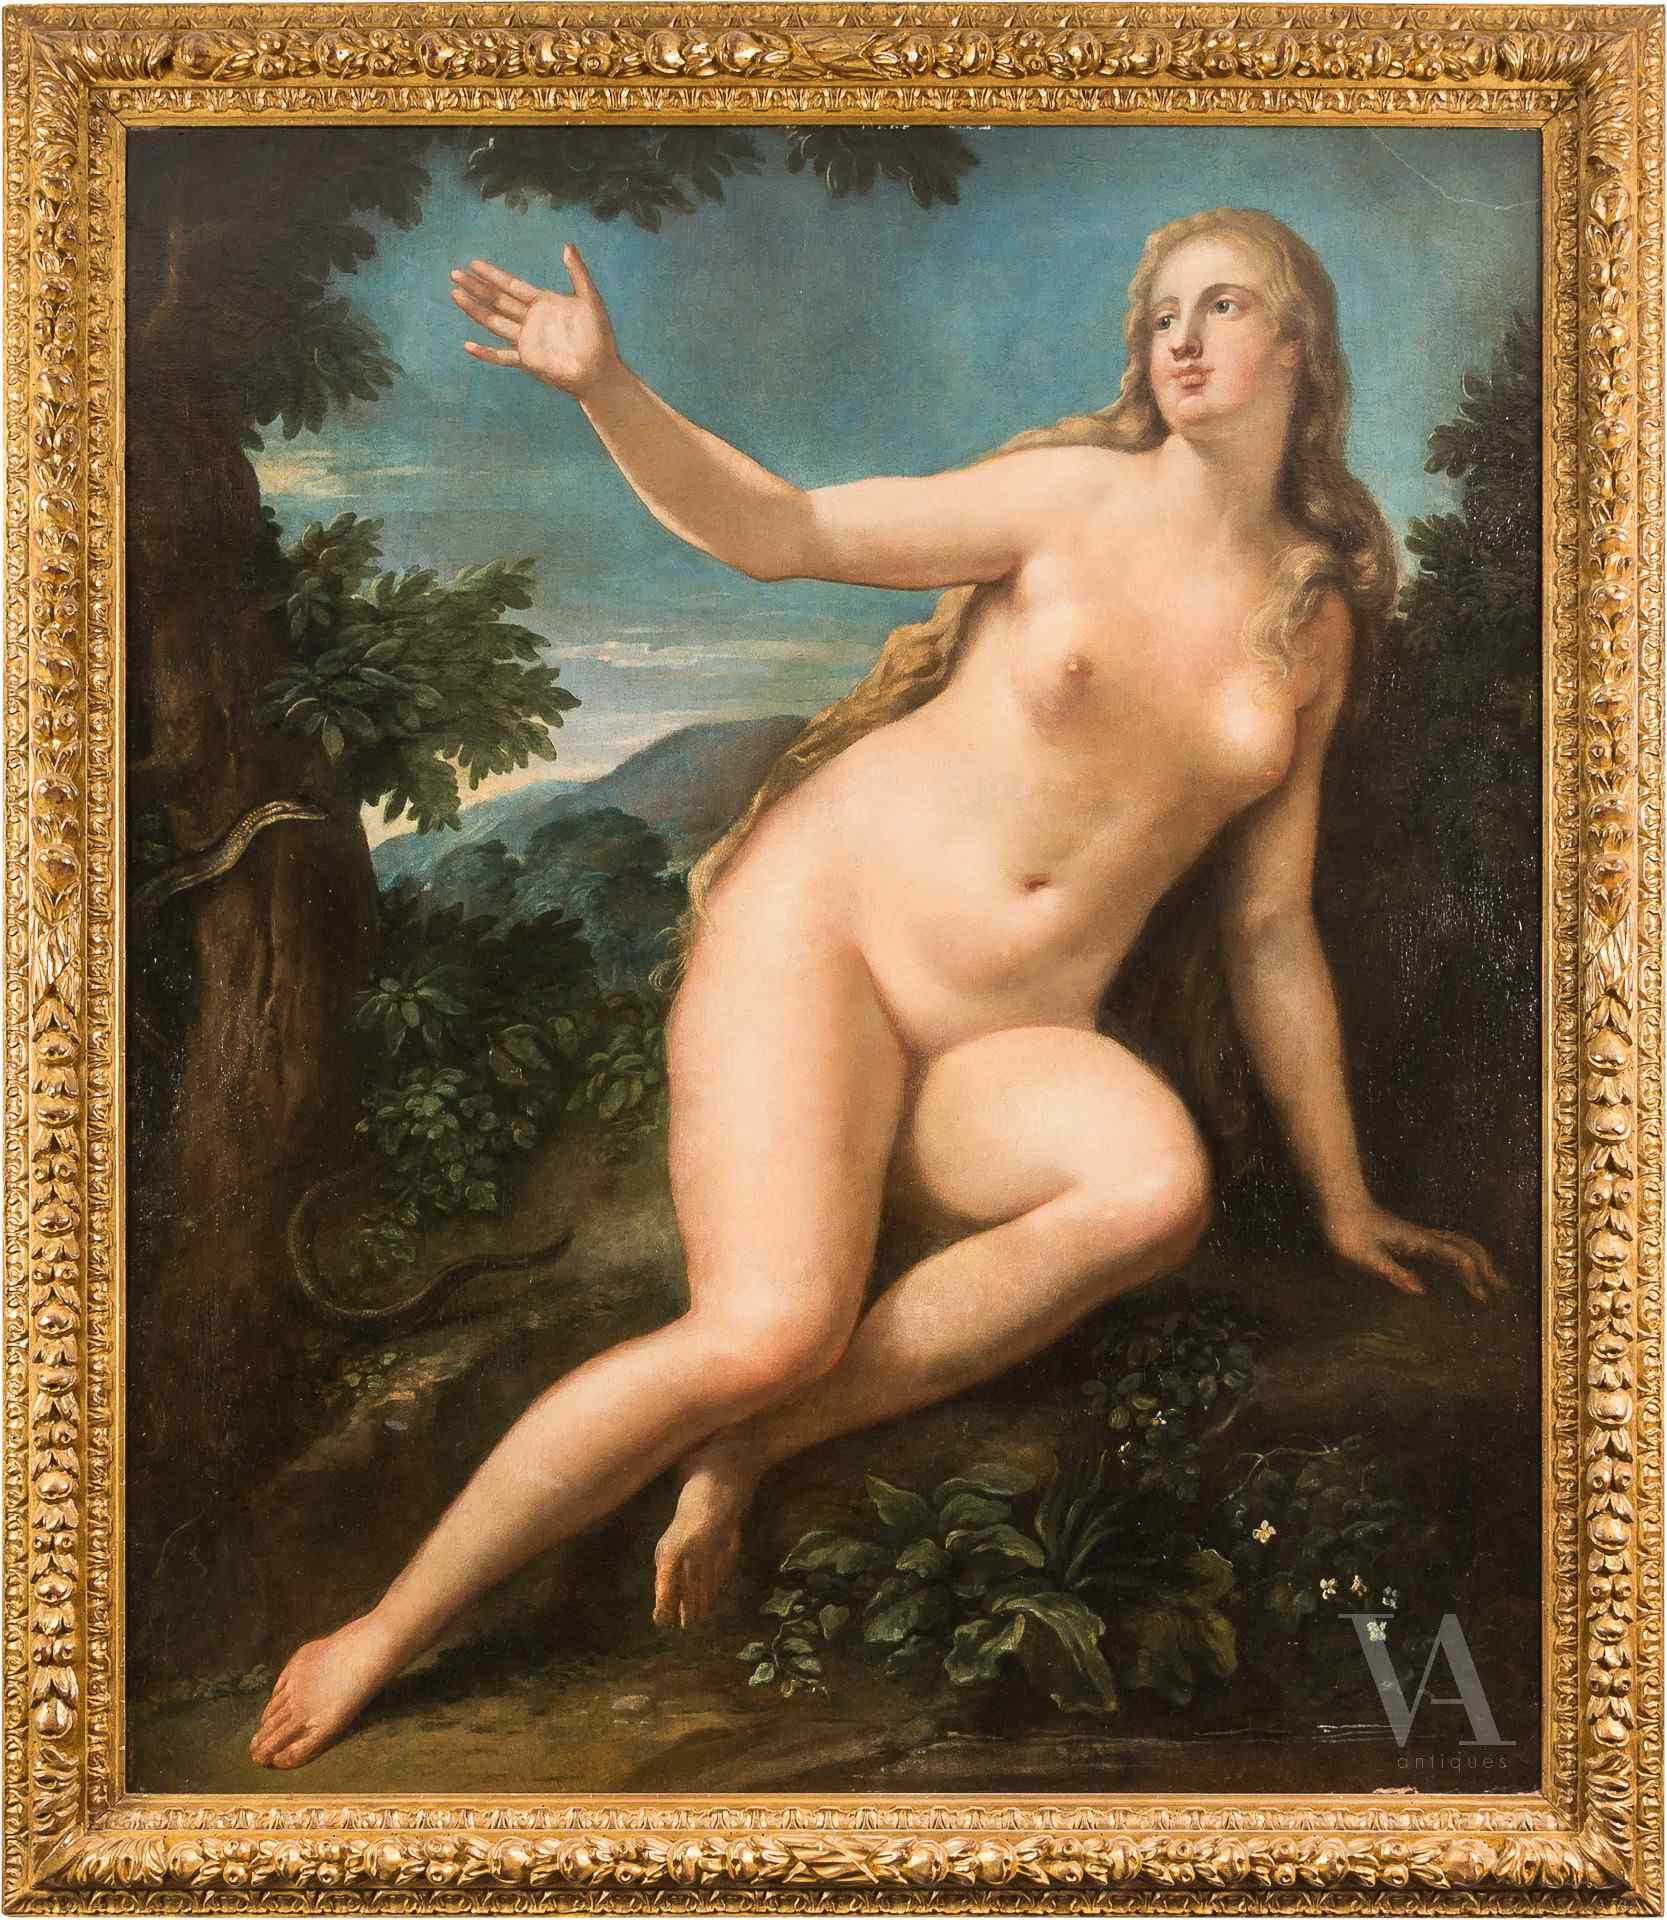 Niccolò Bambini, Eve dans le jardin d'Eden